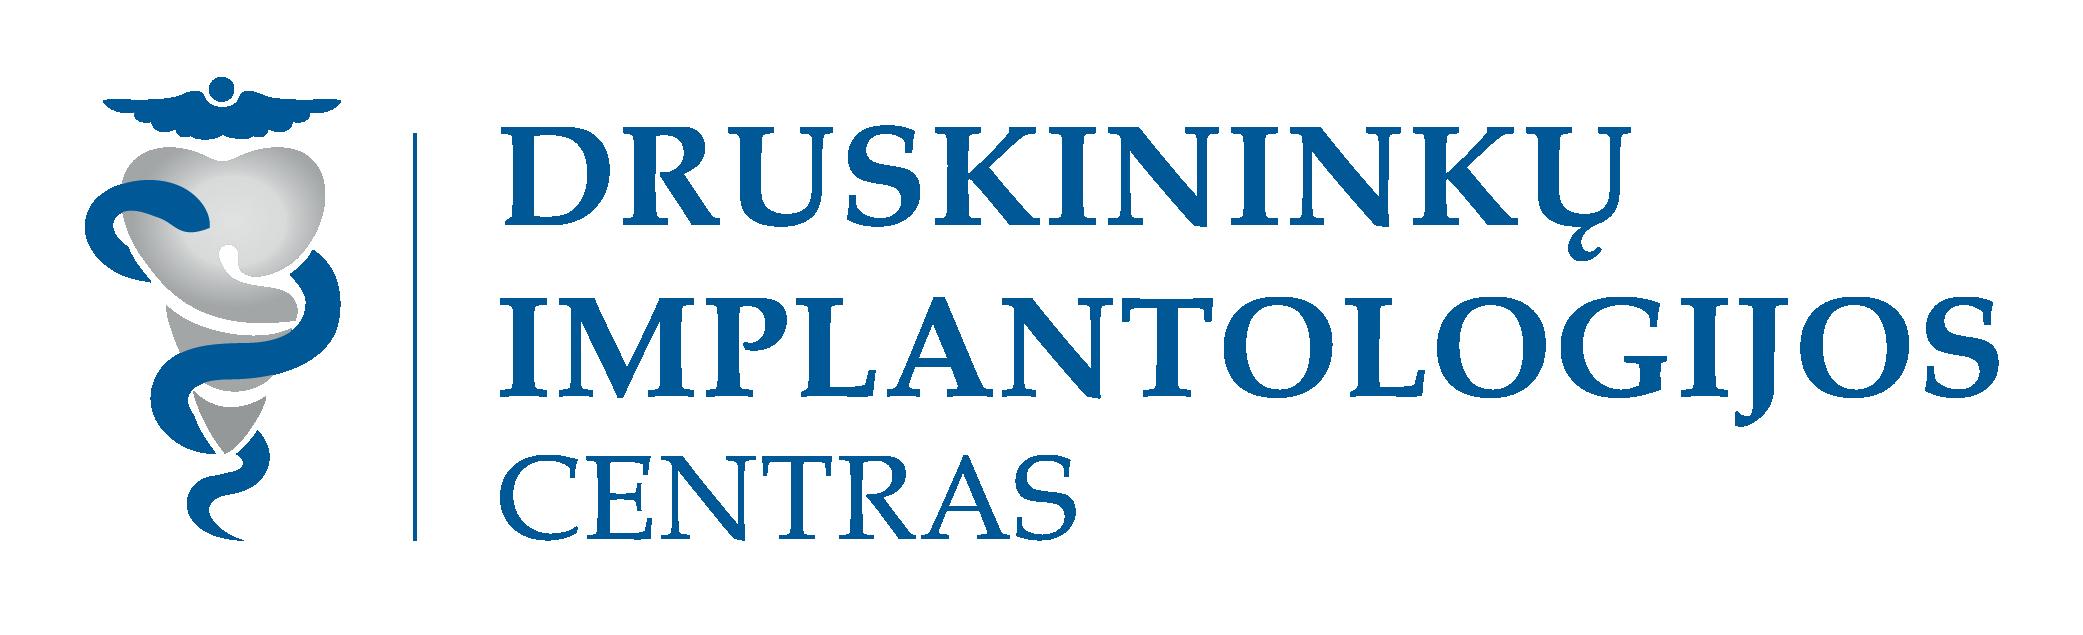 Druskininkų Implantologijos Centras